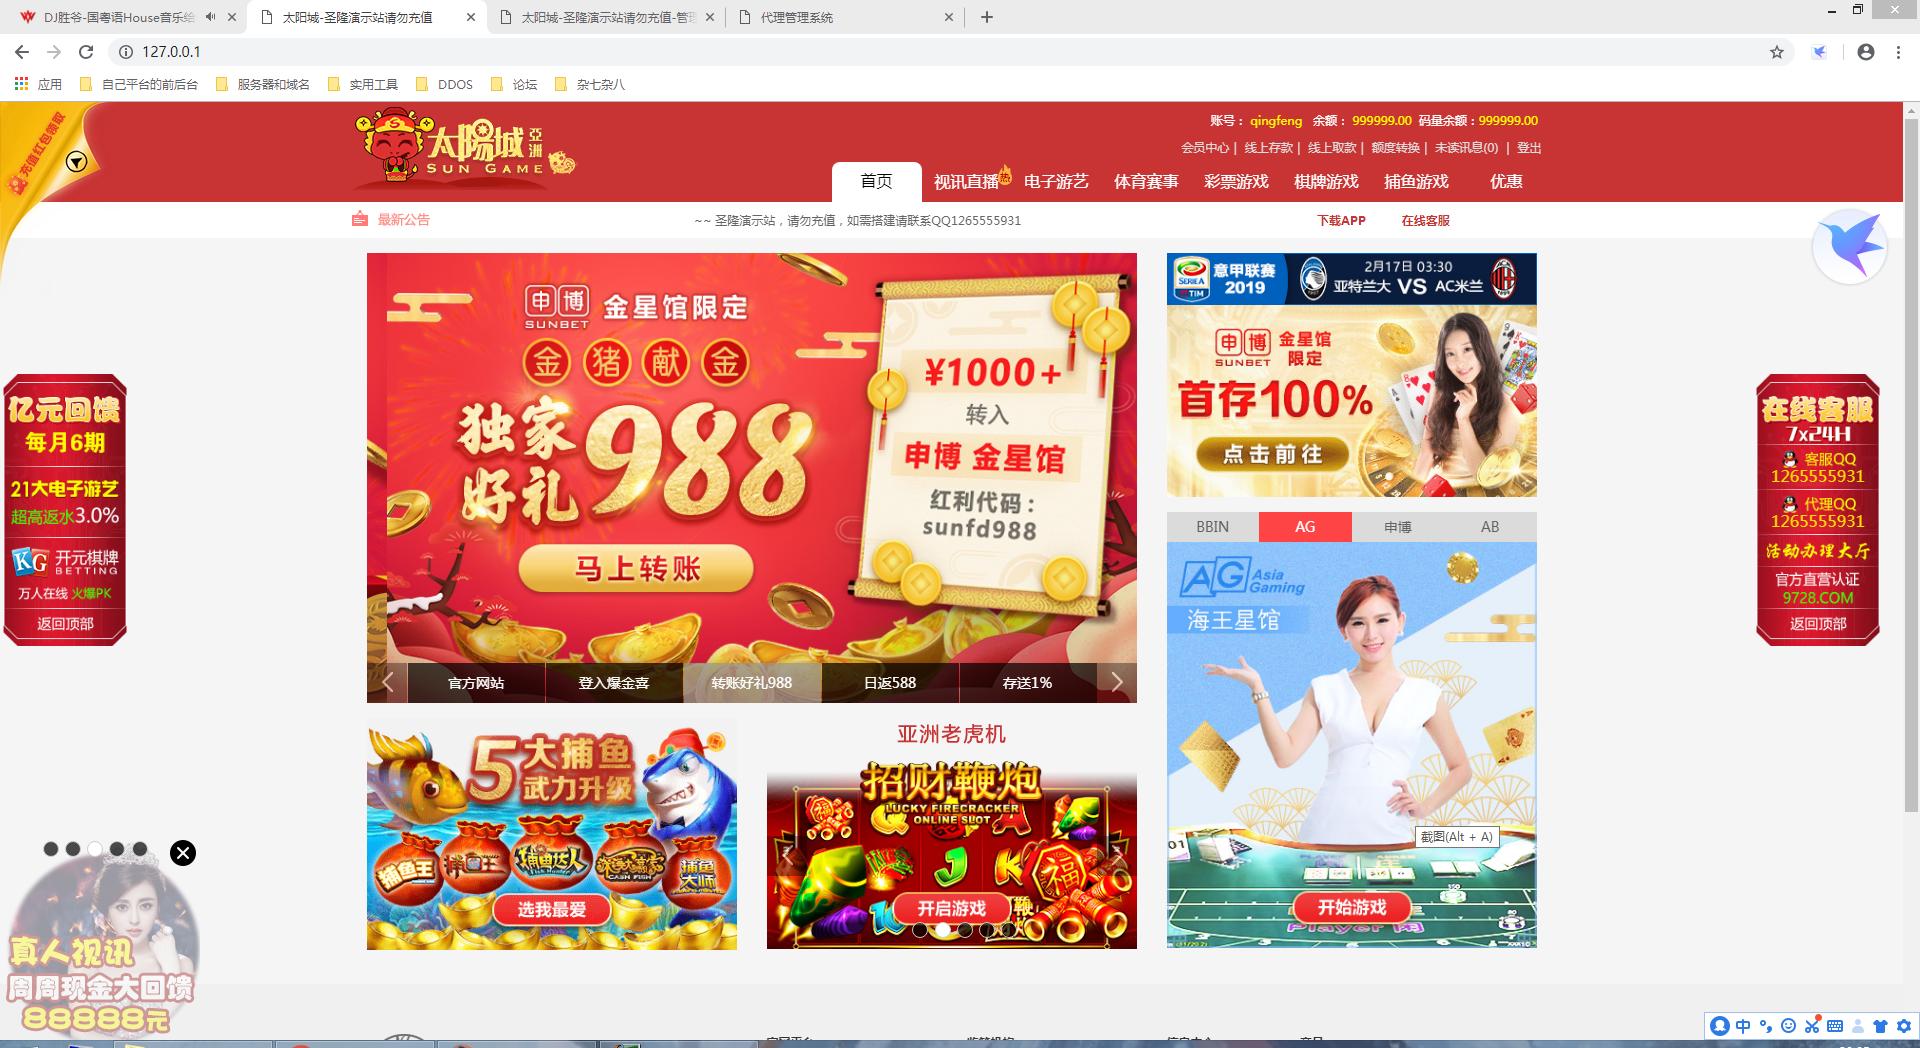 2019菠菜太阳城新版源码(价值8000元)亲测完整版.